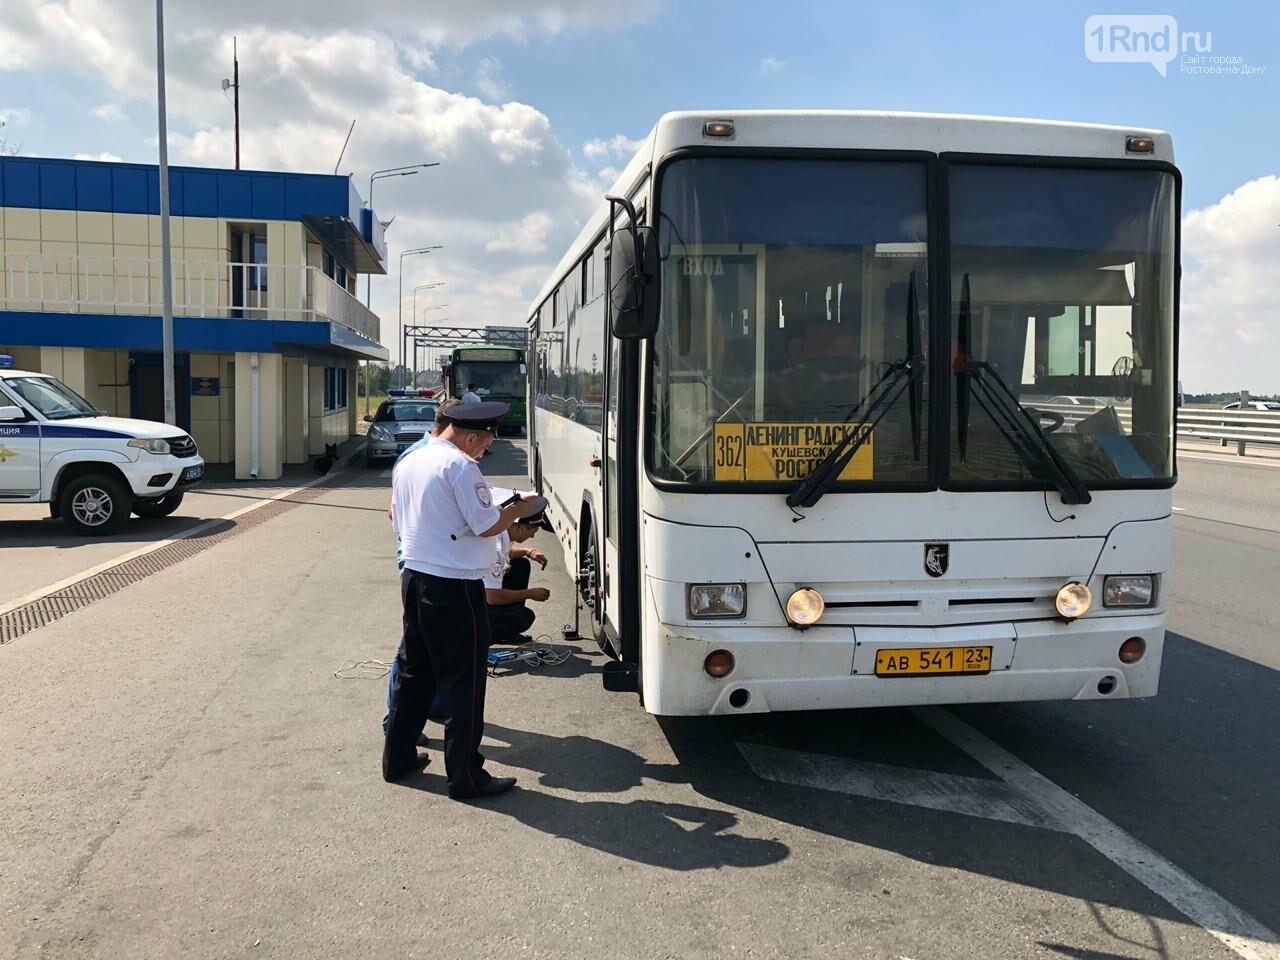 В Ростове по вине водителей общественного транспорта уже пострадал 41 человек, фото-1